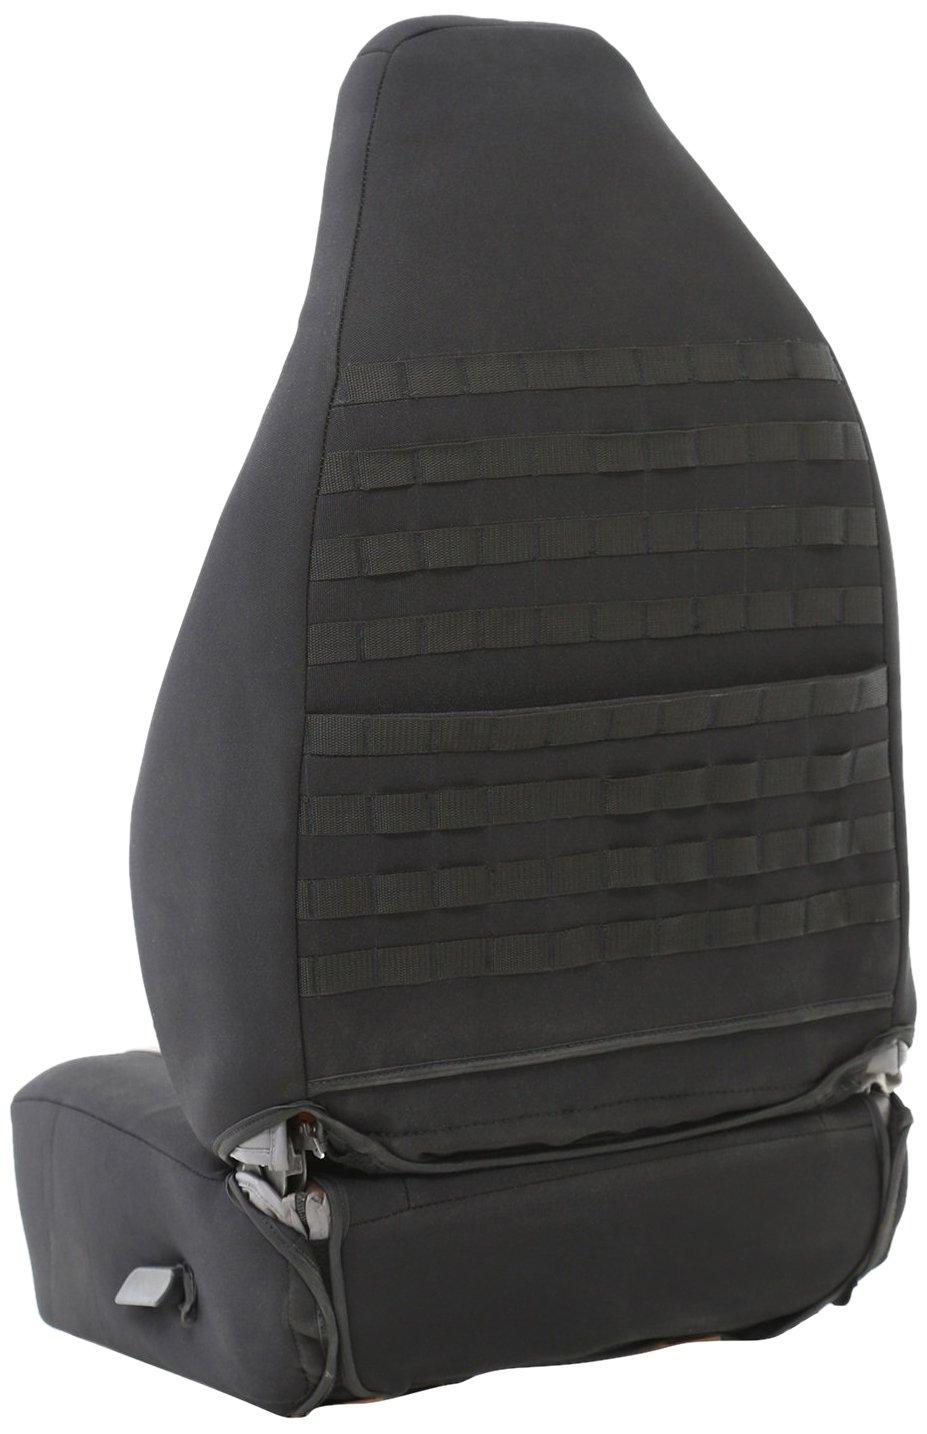 Smittybilt 56647501 GEAR Seat Cover